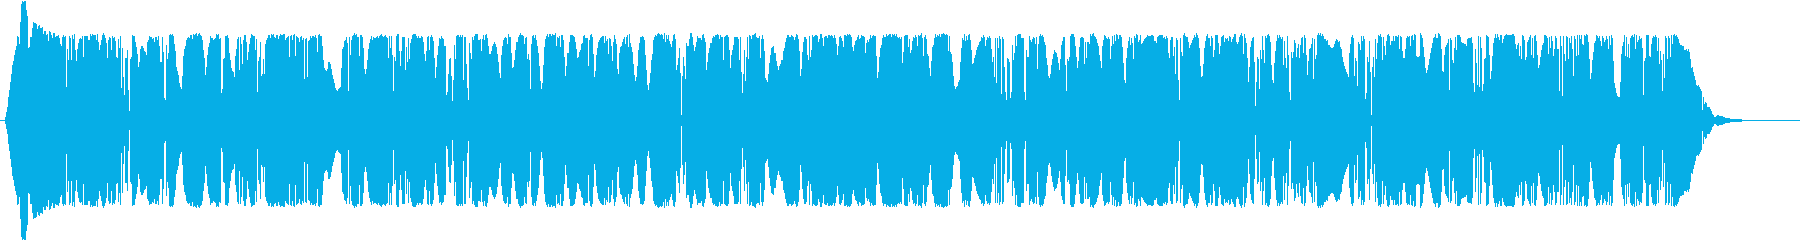 チューニングの再生済みの波形